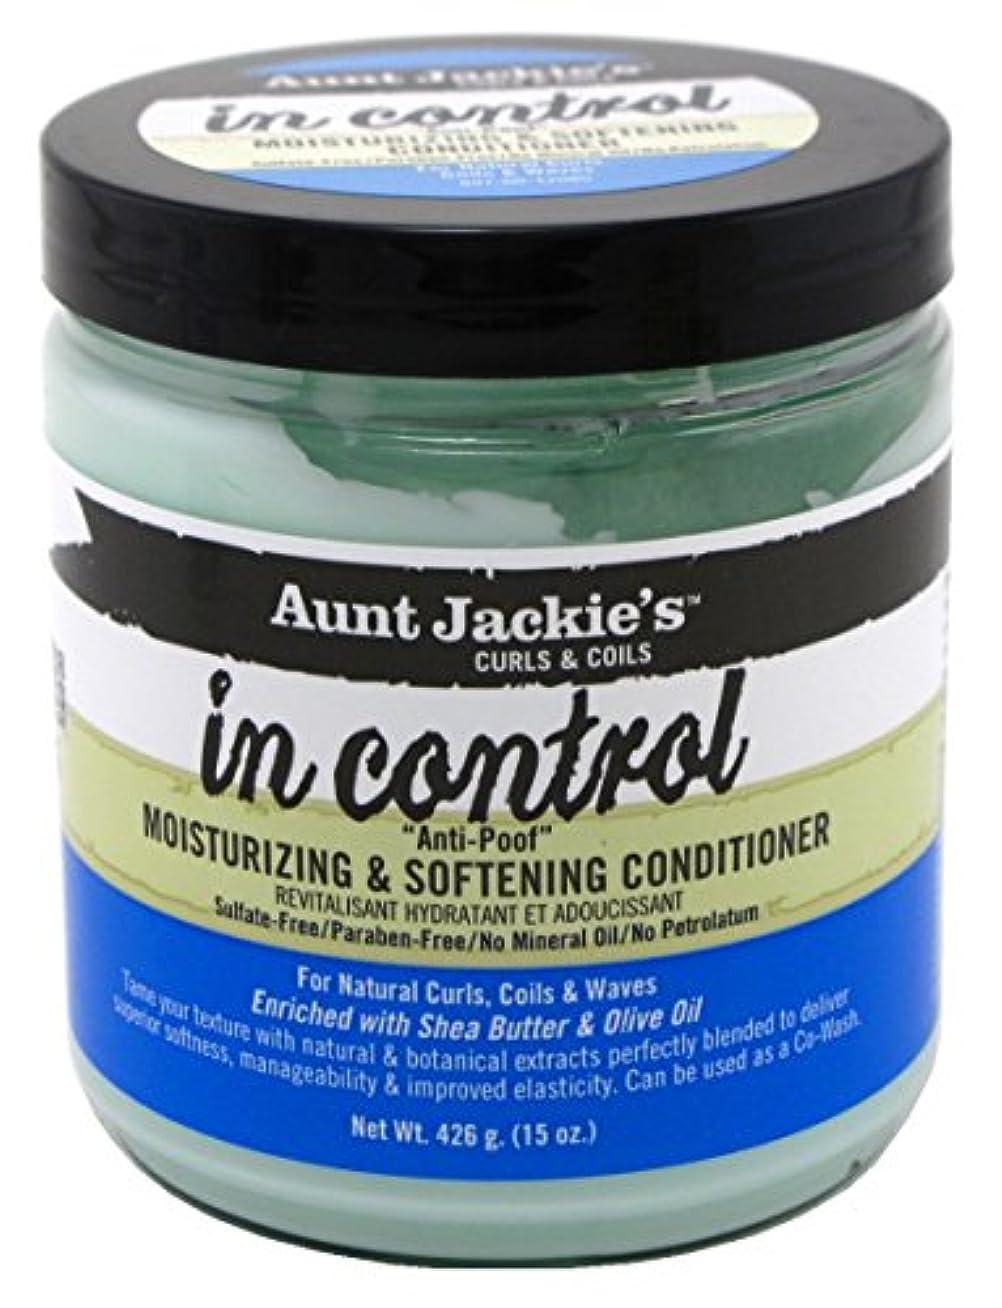 Aunt Jackie's コントロールモイスチャライジング&軟化コンディショナー15オンスのジャー(443Ml)(2パック)で叔母Jackies